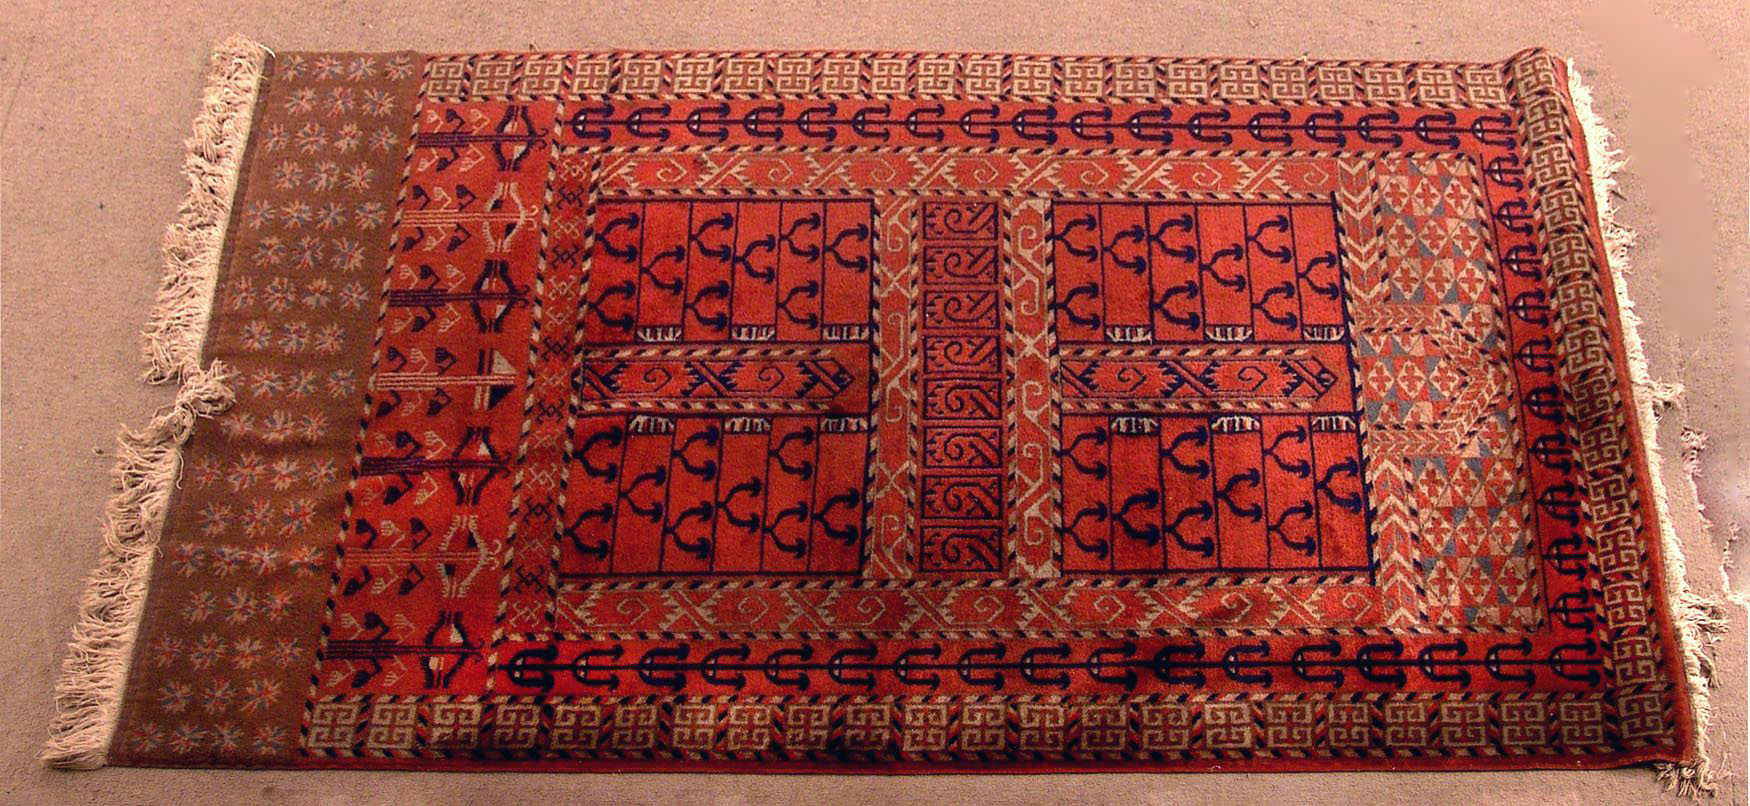 Bgw remate 241 alfombra gek htm gendata for Alfombras motivos geometricos